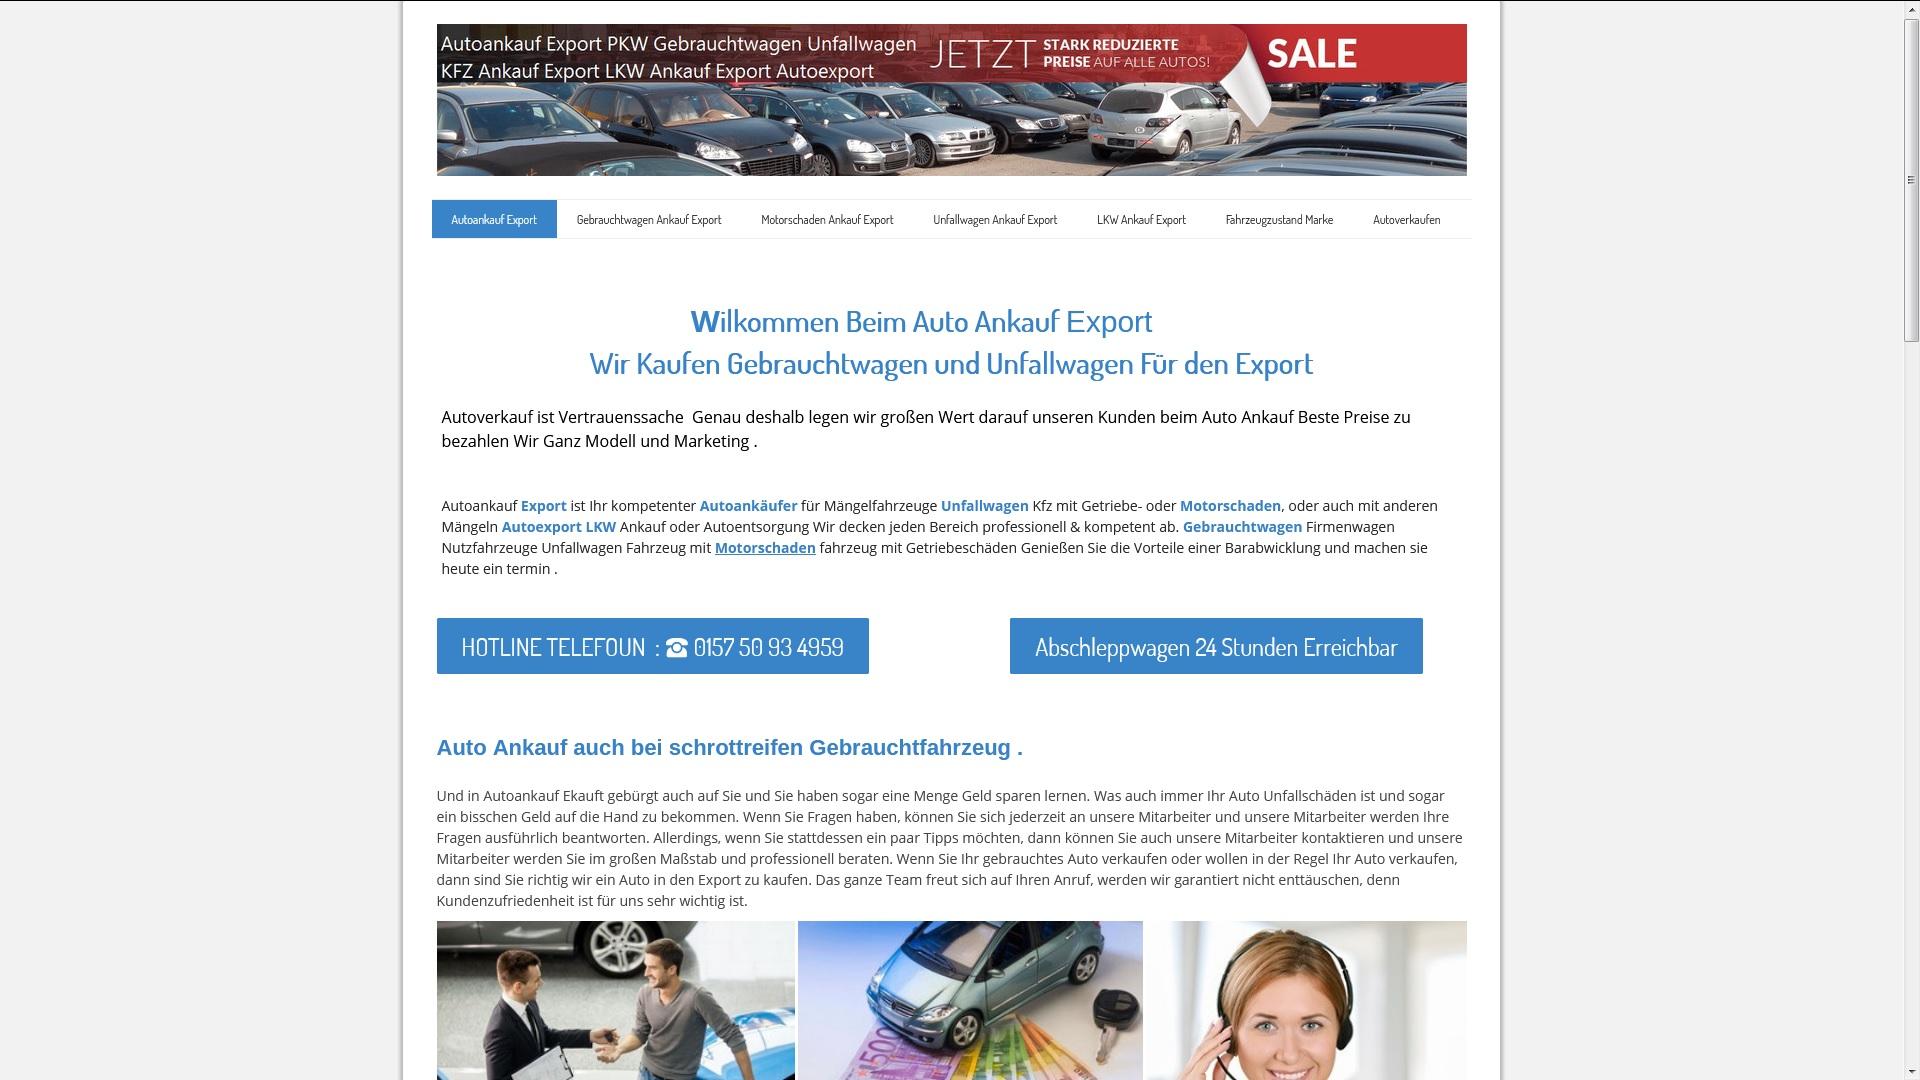 autoankauf in delmenhorst fuer gebrauchtwagen lkw sowie pkw ankauf mit oder ohne unfall - Autoankauf in Delmenhorst für Gebrauchtwagen & Lkw sowie Pkw Ankauf mit oder ohne Unfall